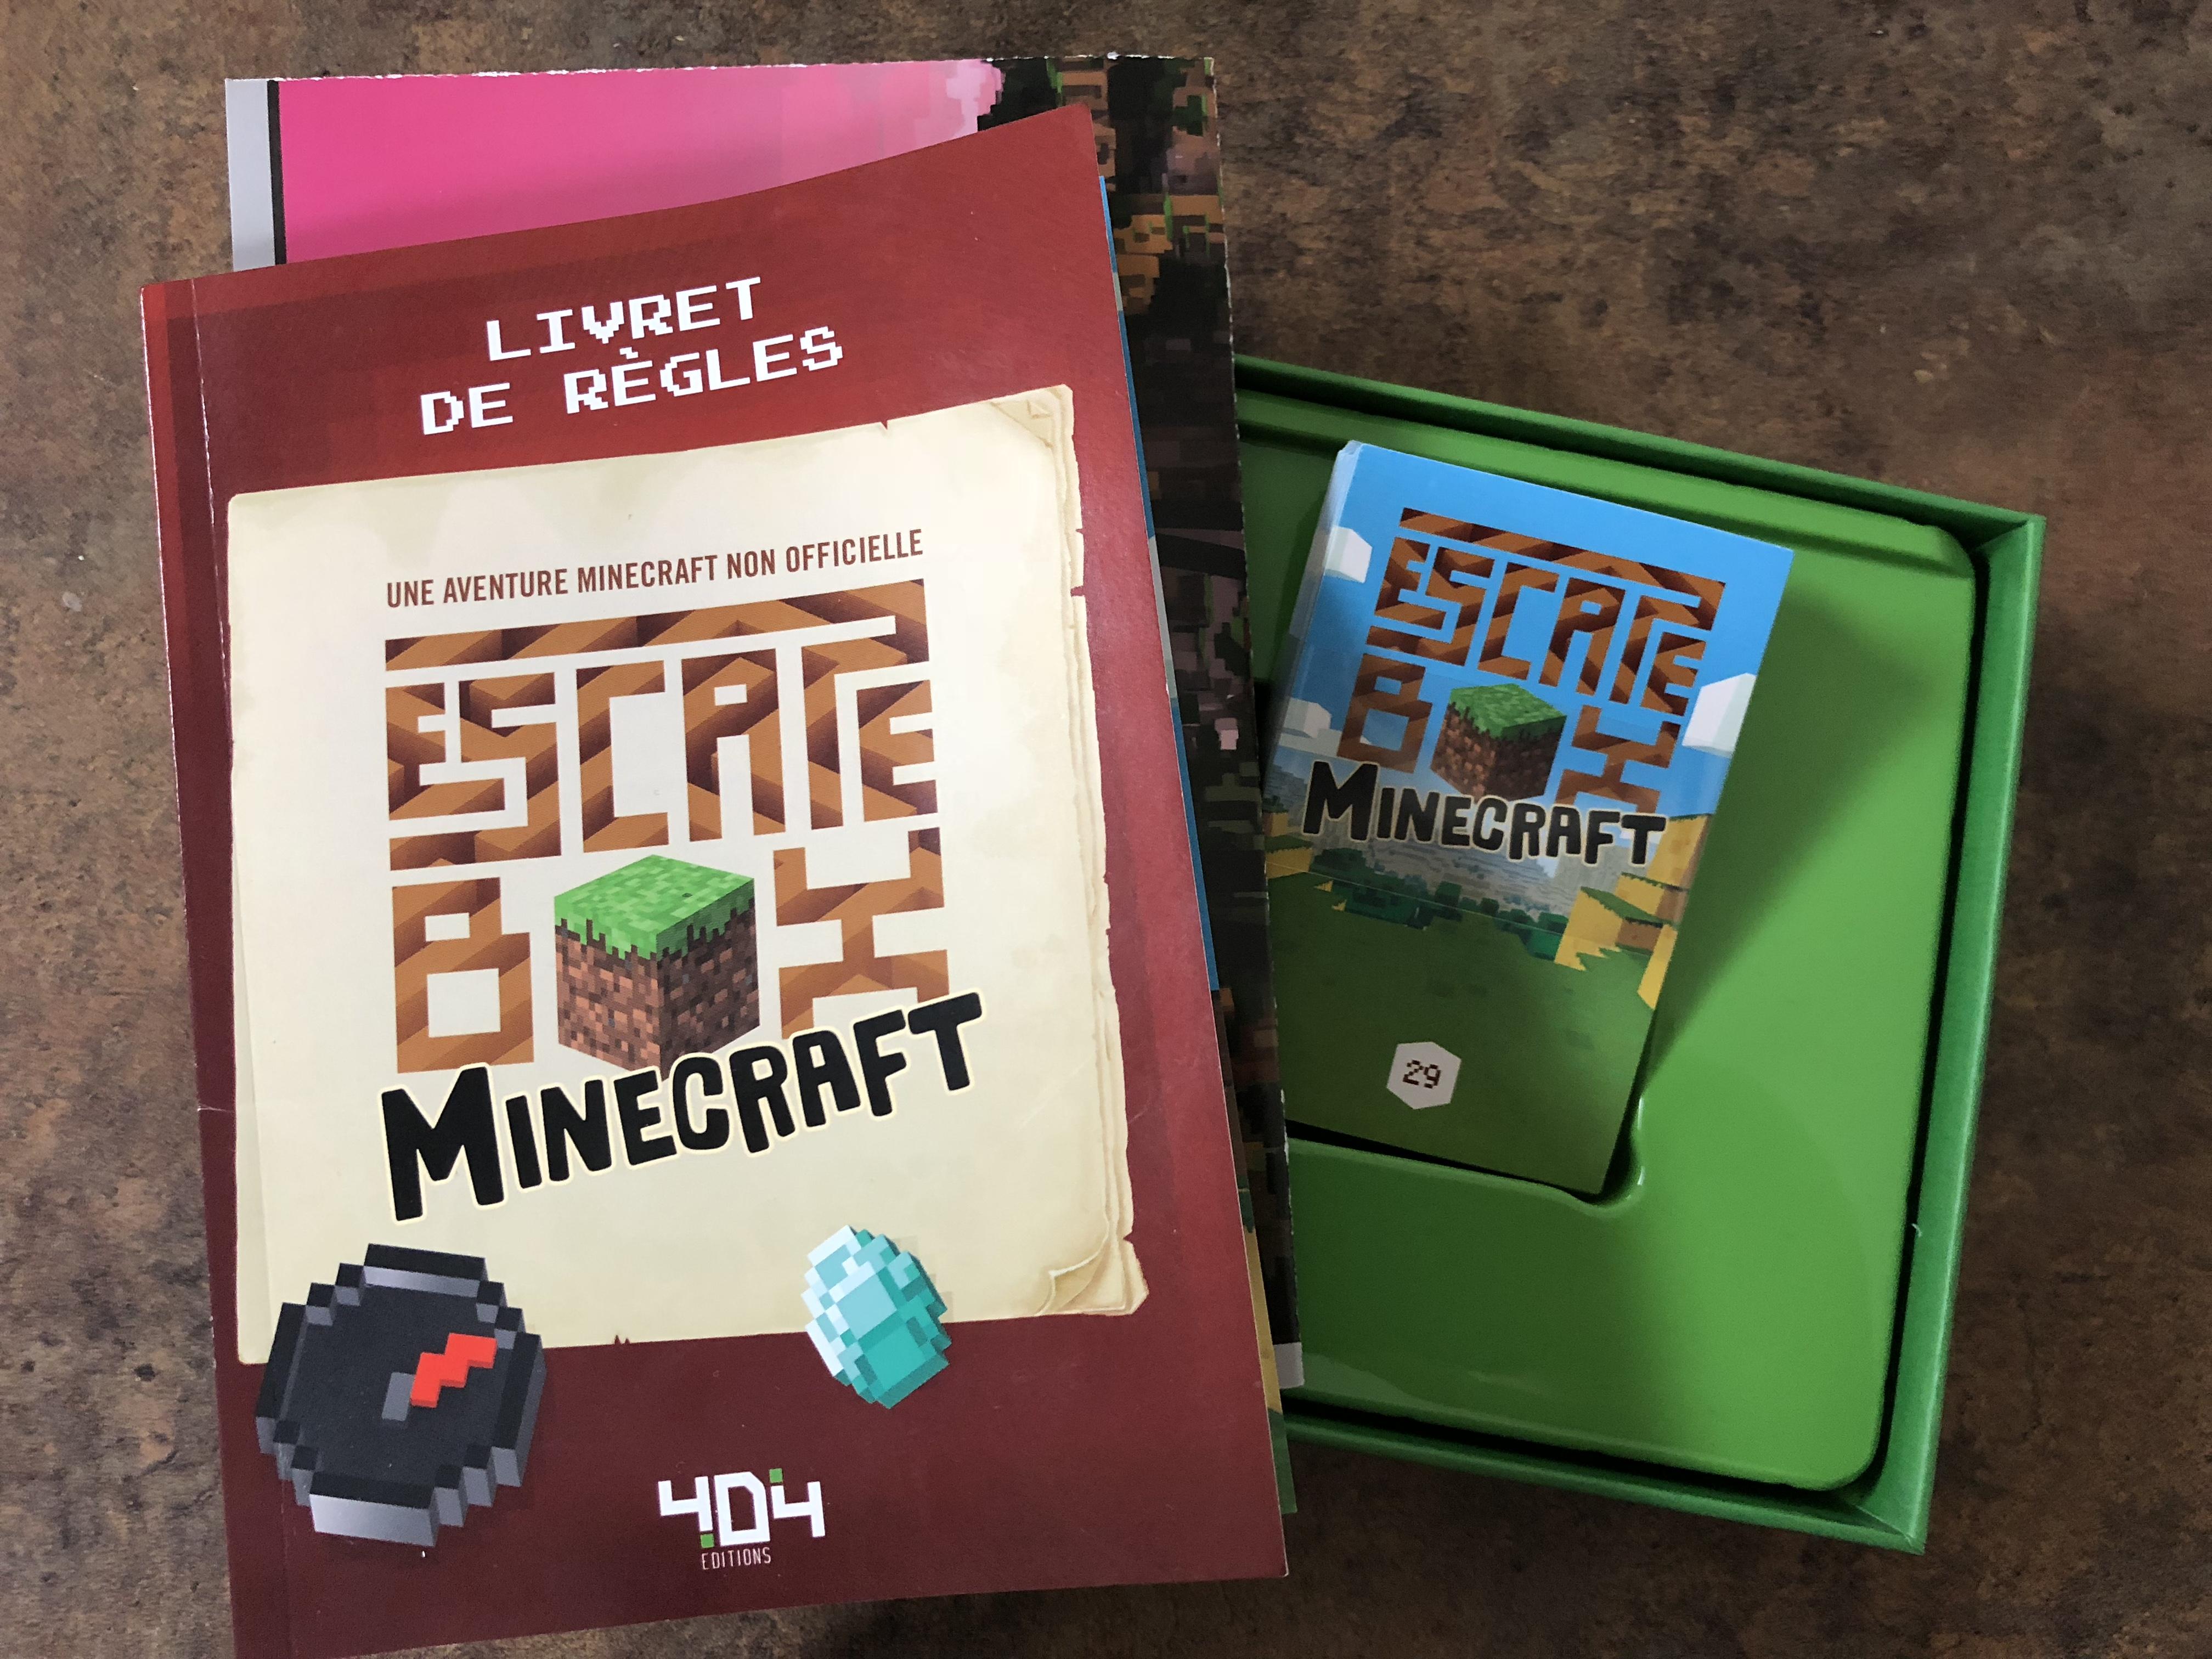 escape box - minecraft edition